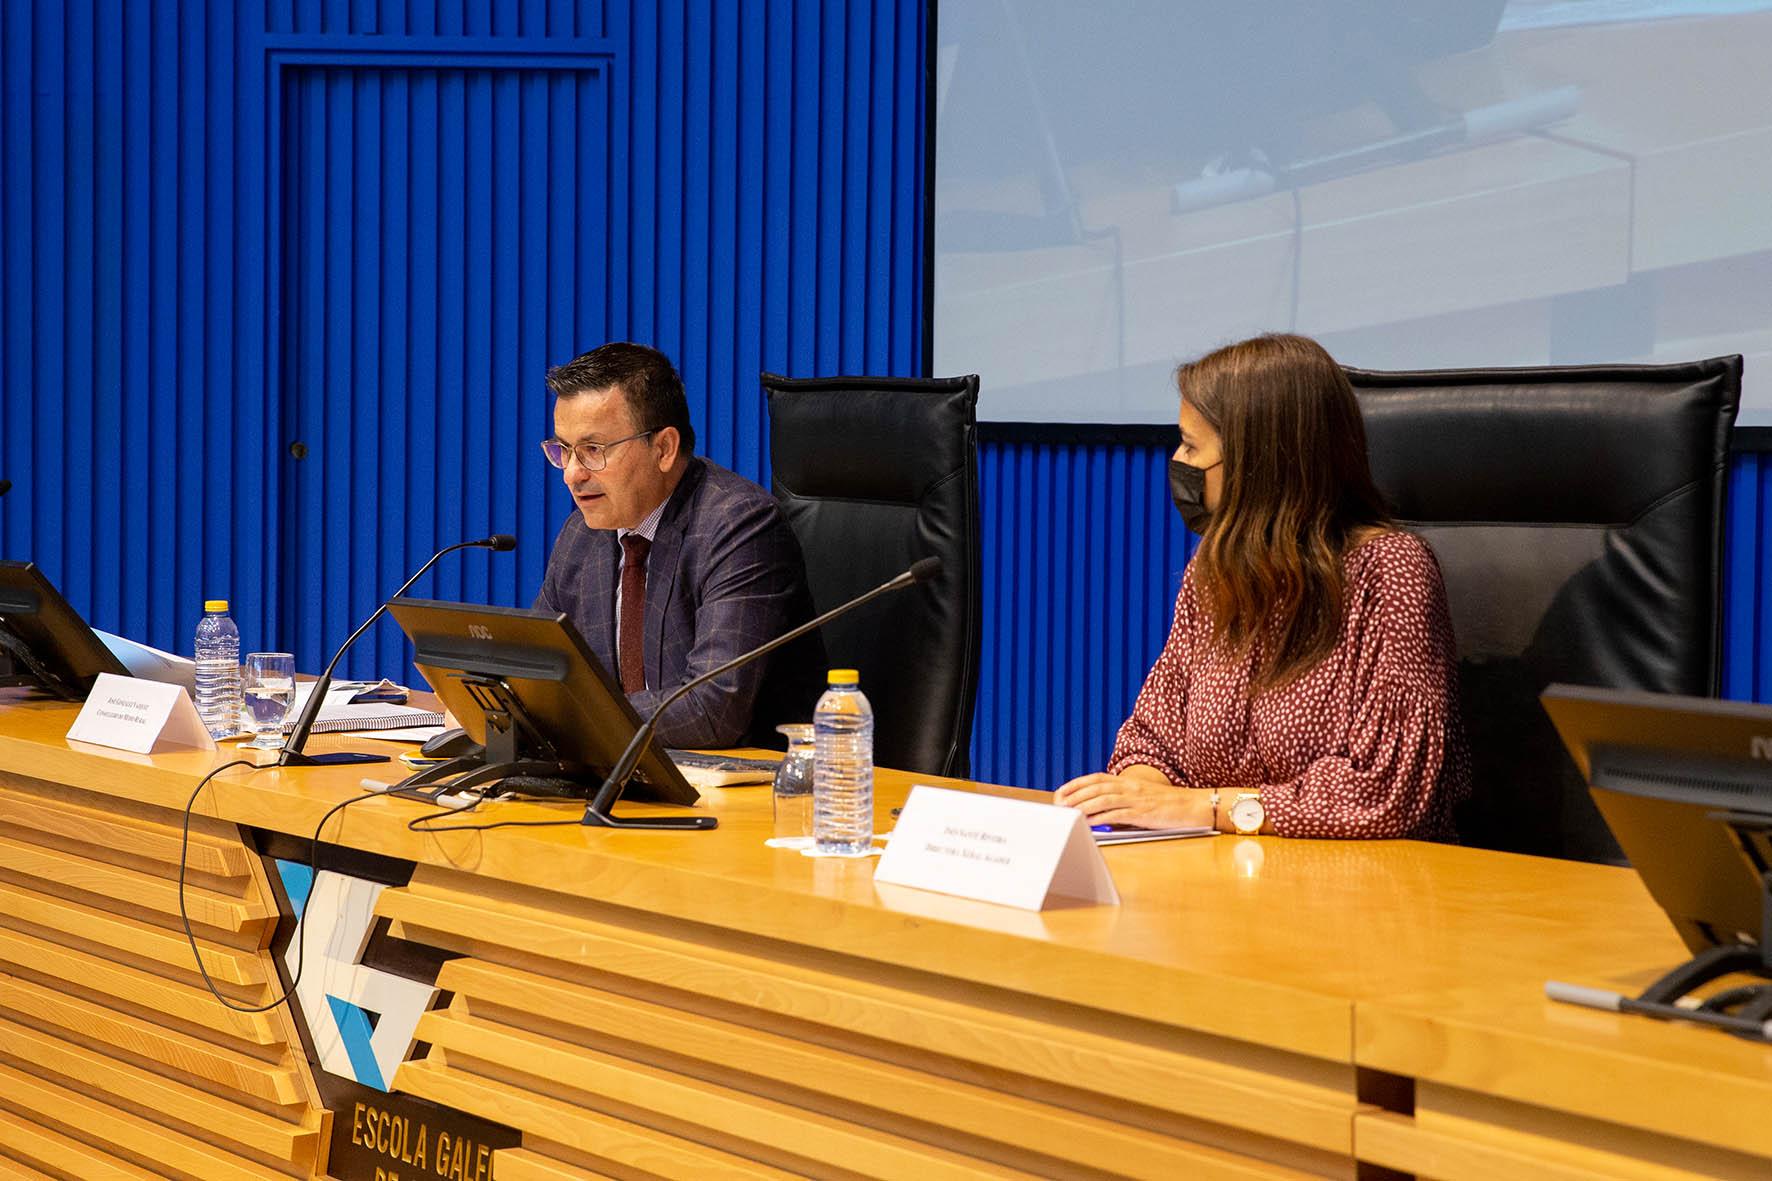 09,30 h.-    O conselleiro do Medio Rural, José González, acompañado pola directora xeral da Axencia Galega de Desenvolvemento Rural, Inés Santé, inaugurará unha xornada sobre a Lei de recuperación da terra agraria de Galicia.   foto xoán crespo 21/05/2021